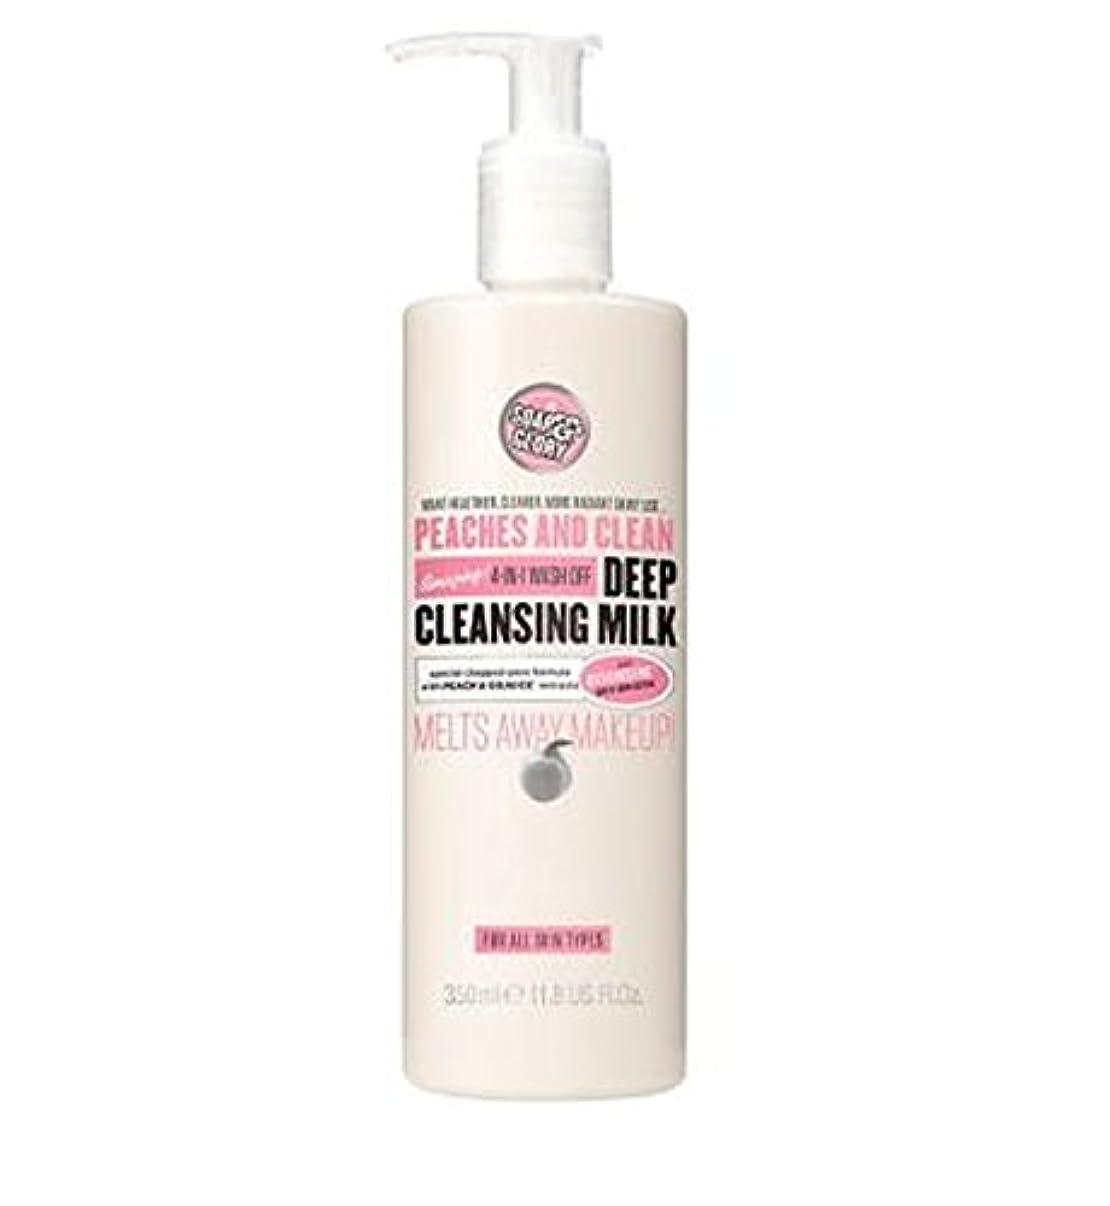 無効悲観的思いつくPEACHES AND CLEAN? Deep Cleansing Milk 350ml - 桃やクリーン?ディープクレンジングミルク350ミリリットル (Soap & Glory) [並行輸入品]